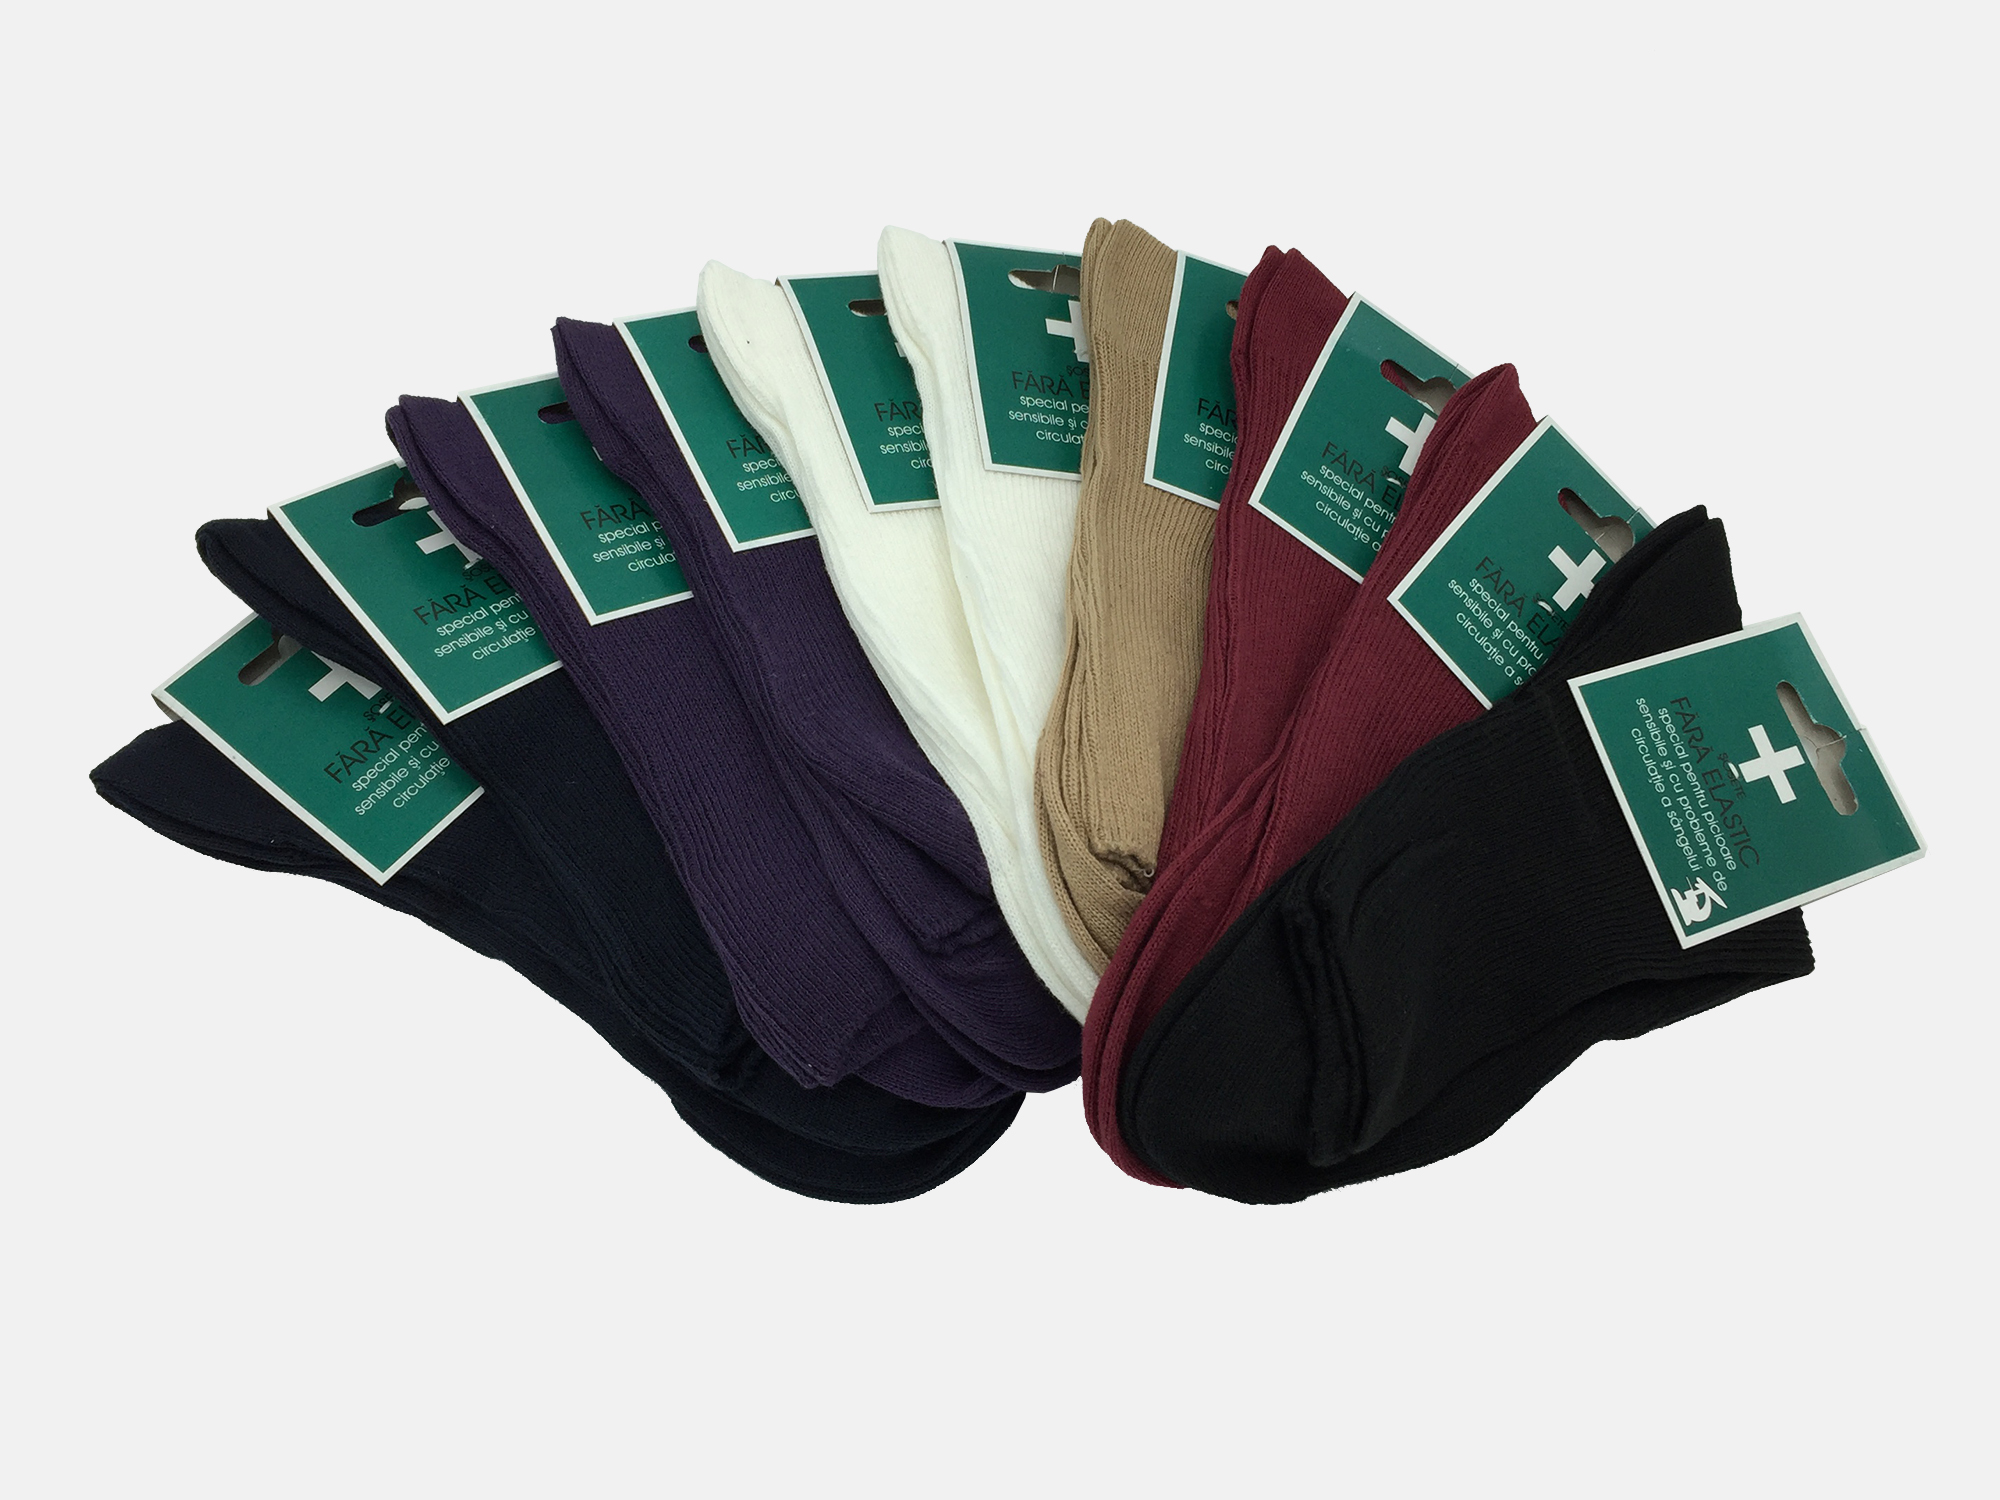 Sosete dama medicinale 100% Bumbac - Multicolor - set 10 perechi - Ciserom 8256